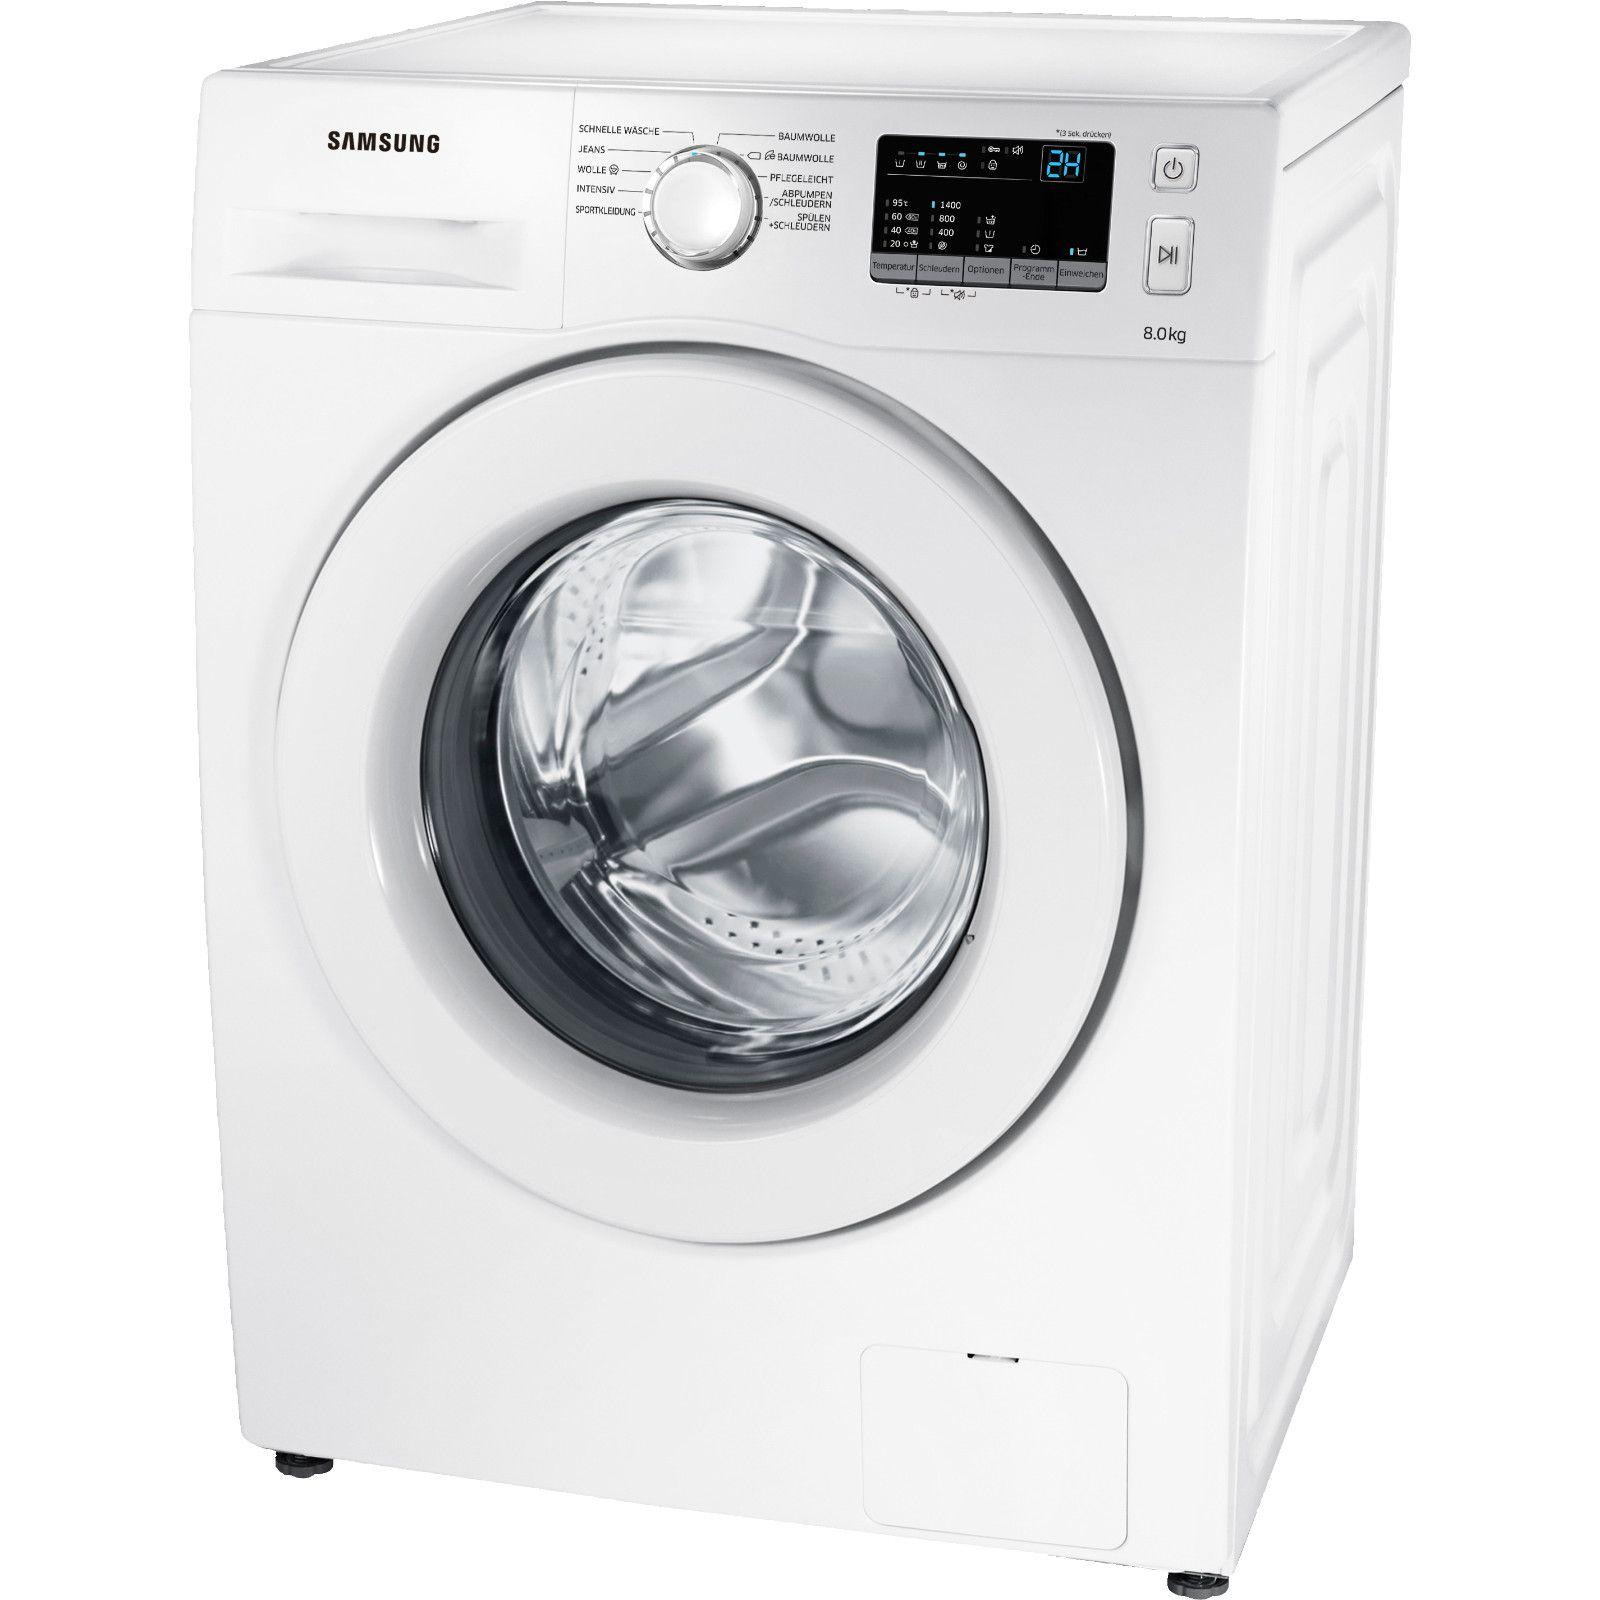 [MediaMarkt] SAMSUNG WW 80 J 34 D0KW/EG Waschmaschine (8 kg, 1400 U/Min., A+++) - bei Selbstabholung